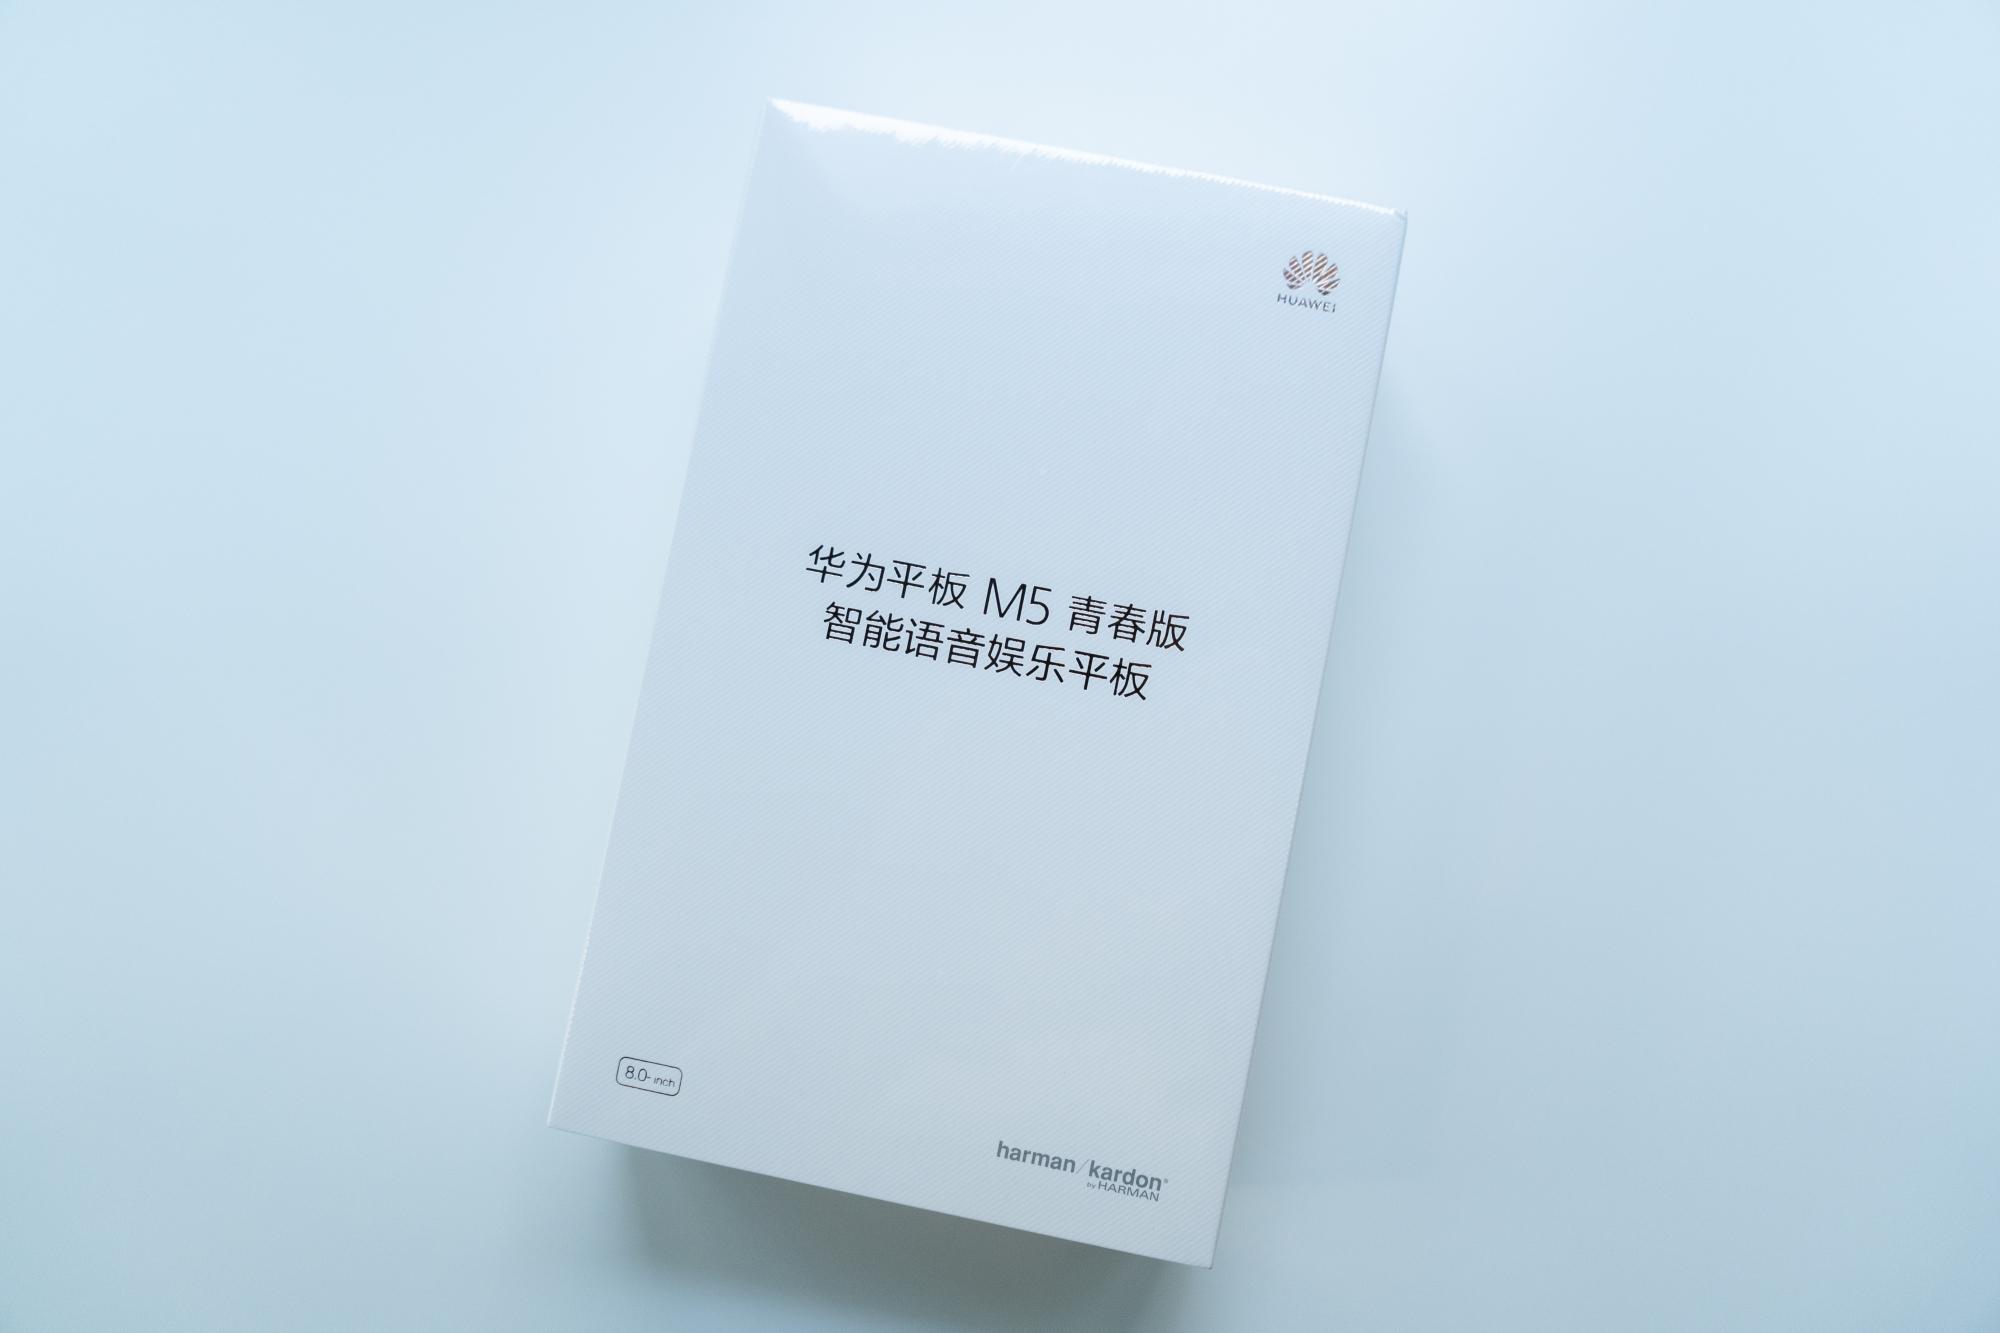 华为平板M5青春版8.0寸-00348.jpg